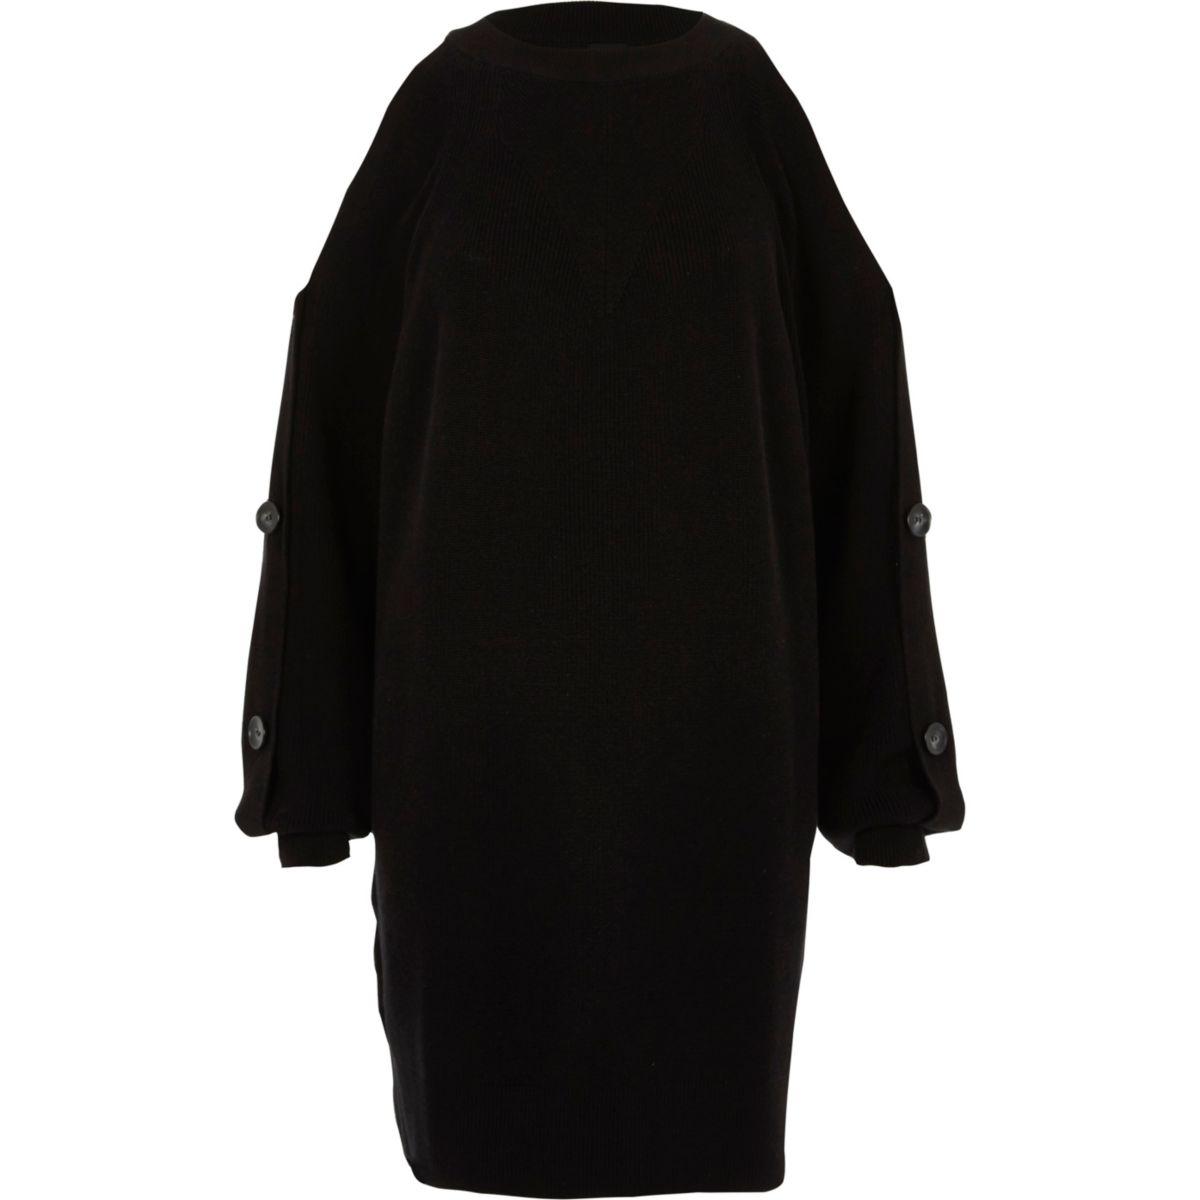 Zwarte gebreide trui-jurk met knopen op de mouwen